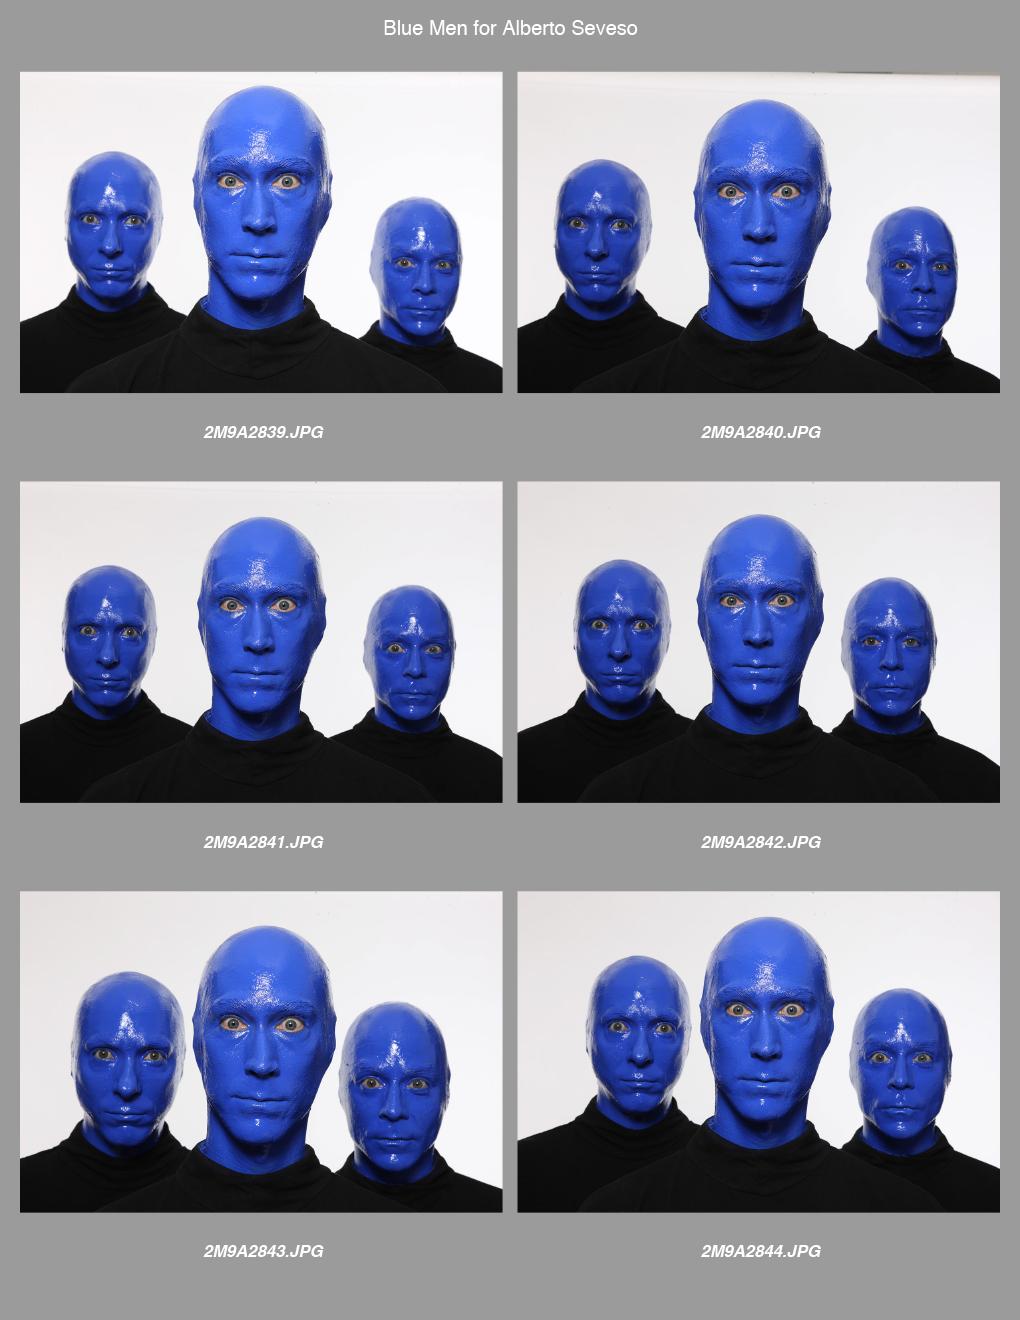 zBlue Men-Alberto Seveso-3